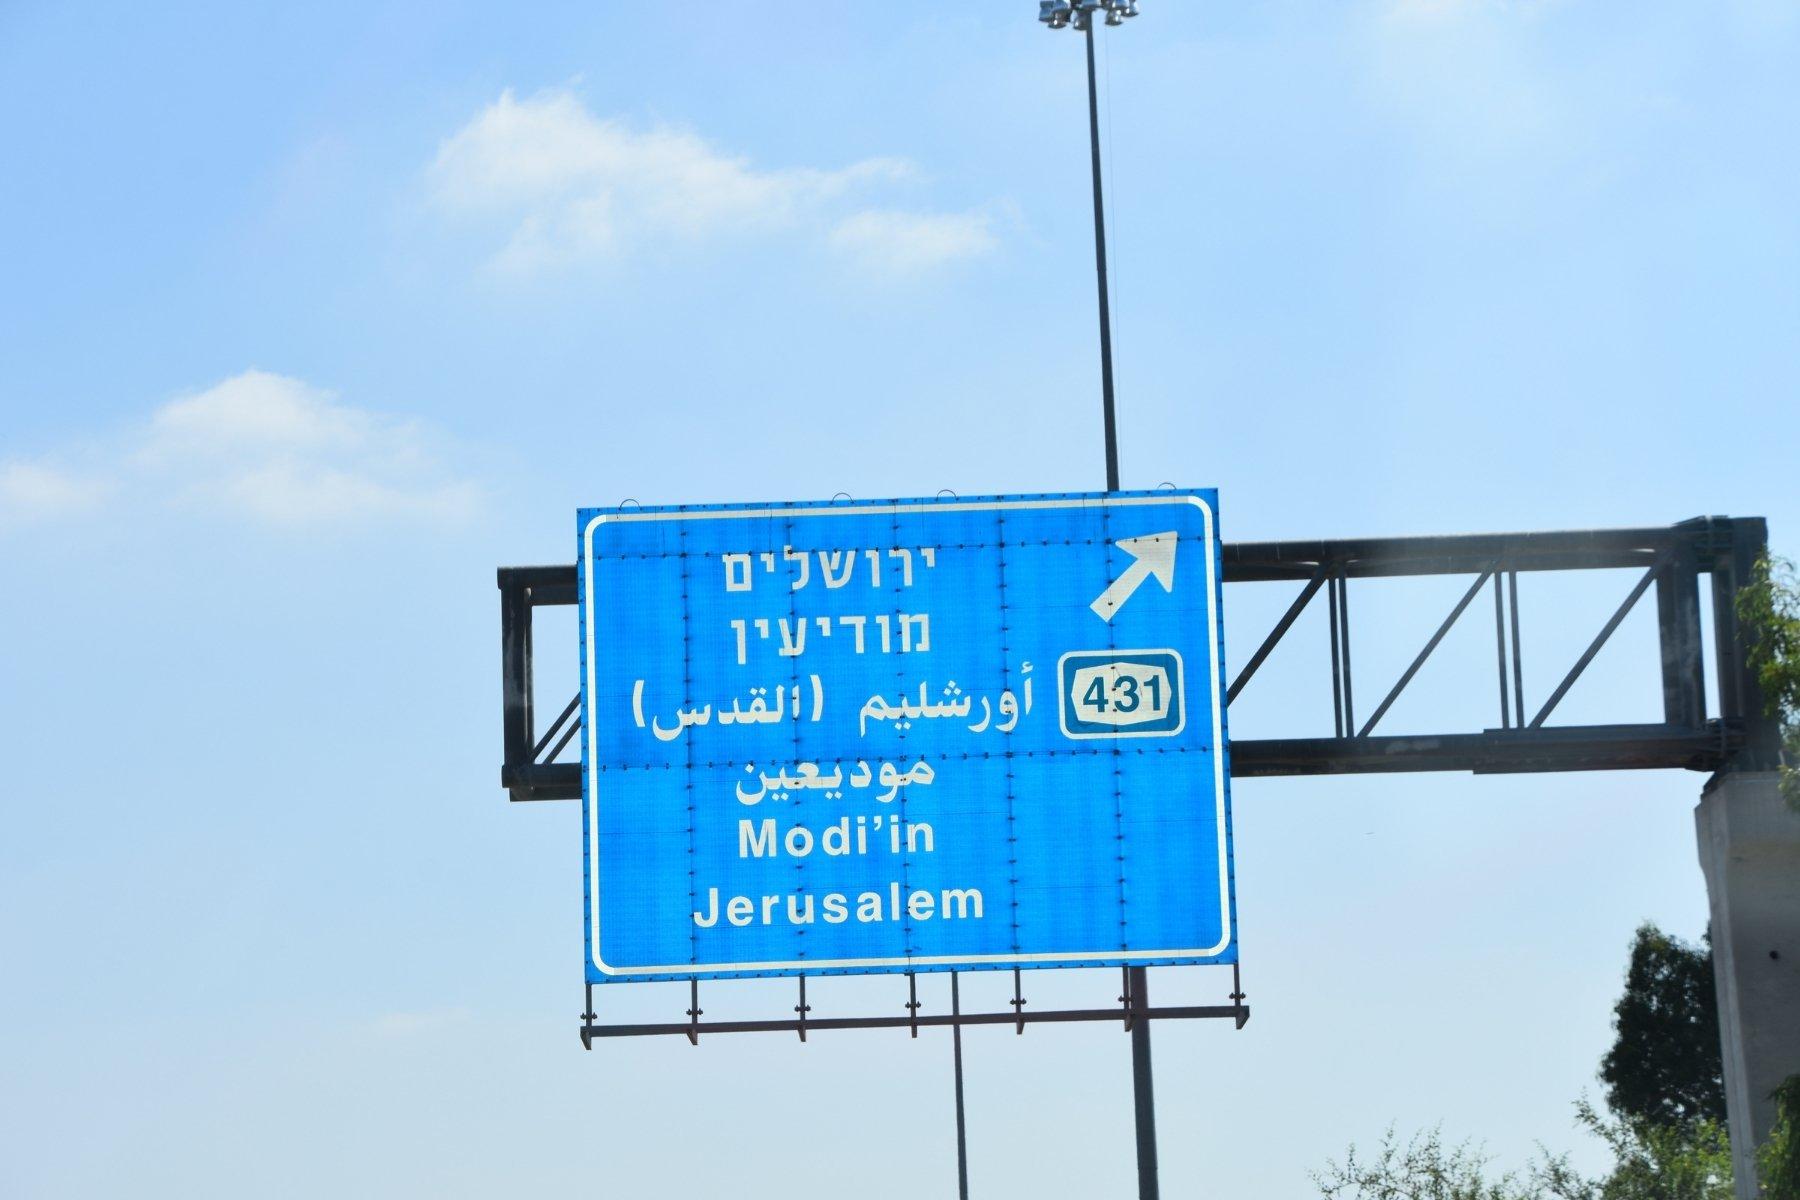 Welke taal spreken ze in Israël?